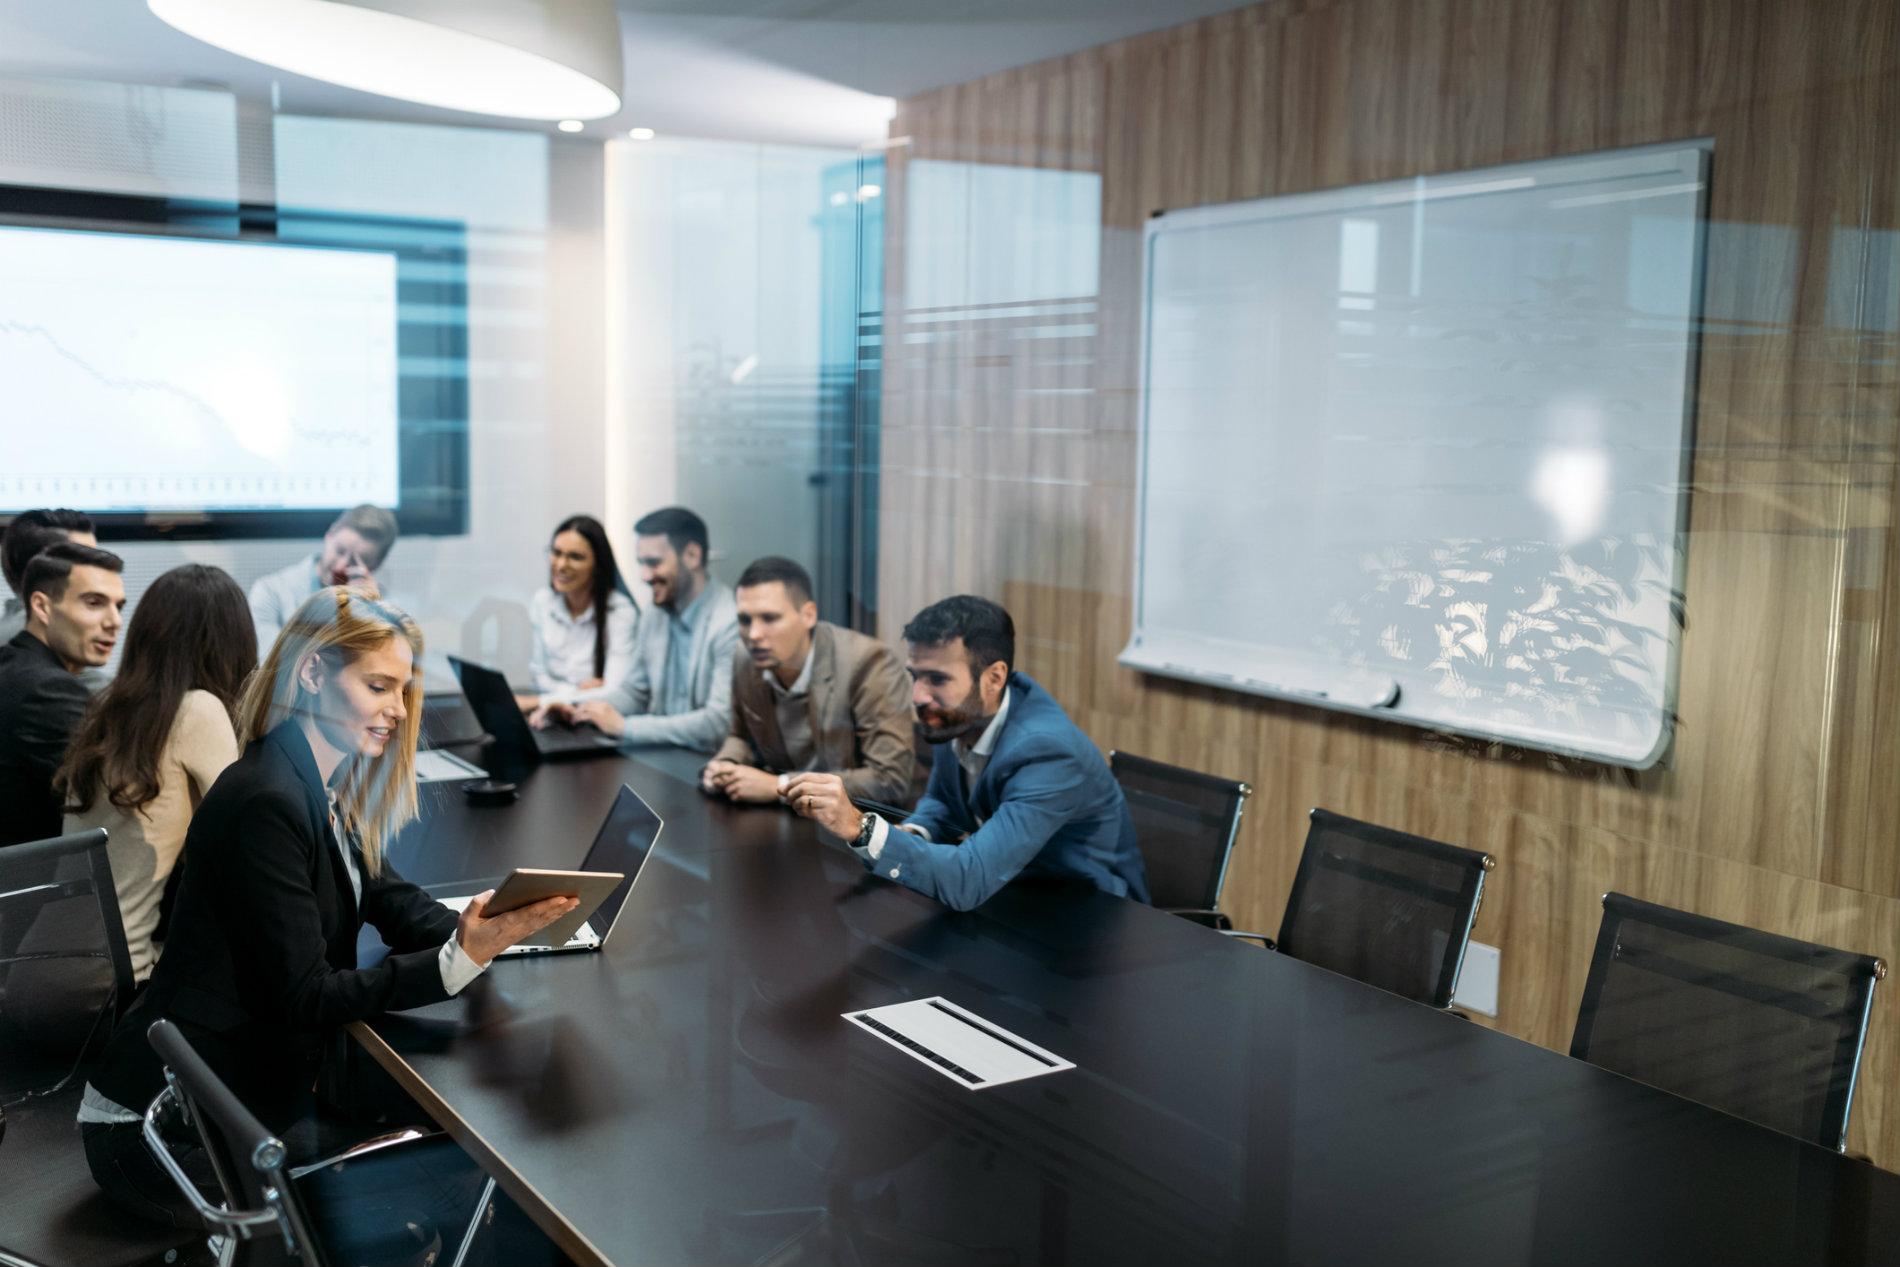 Comissão de ética: sua empresa precisa de uma